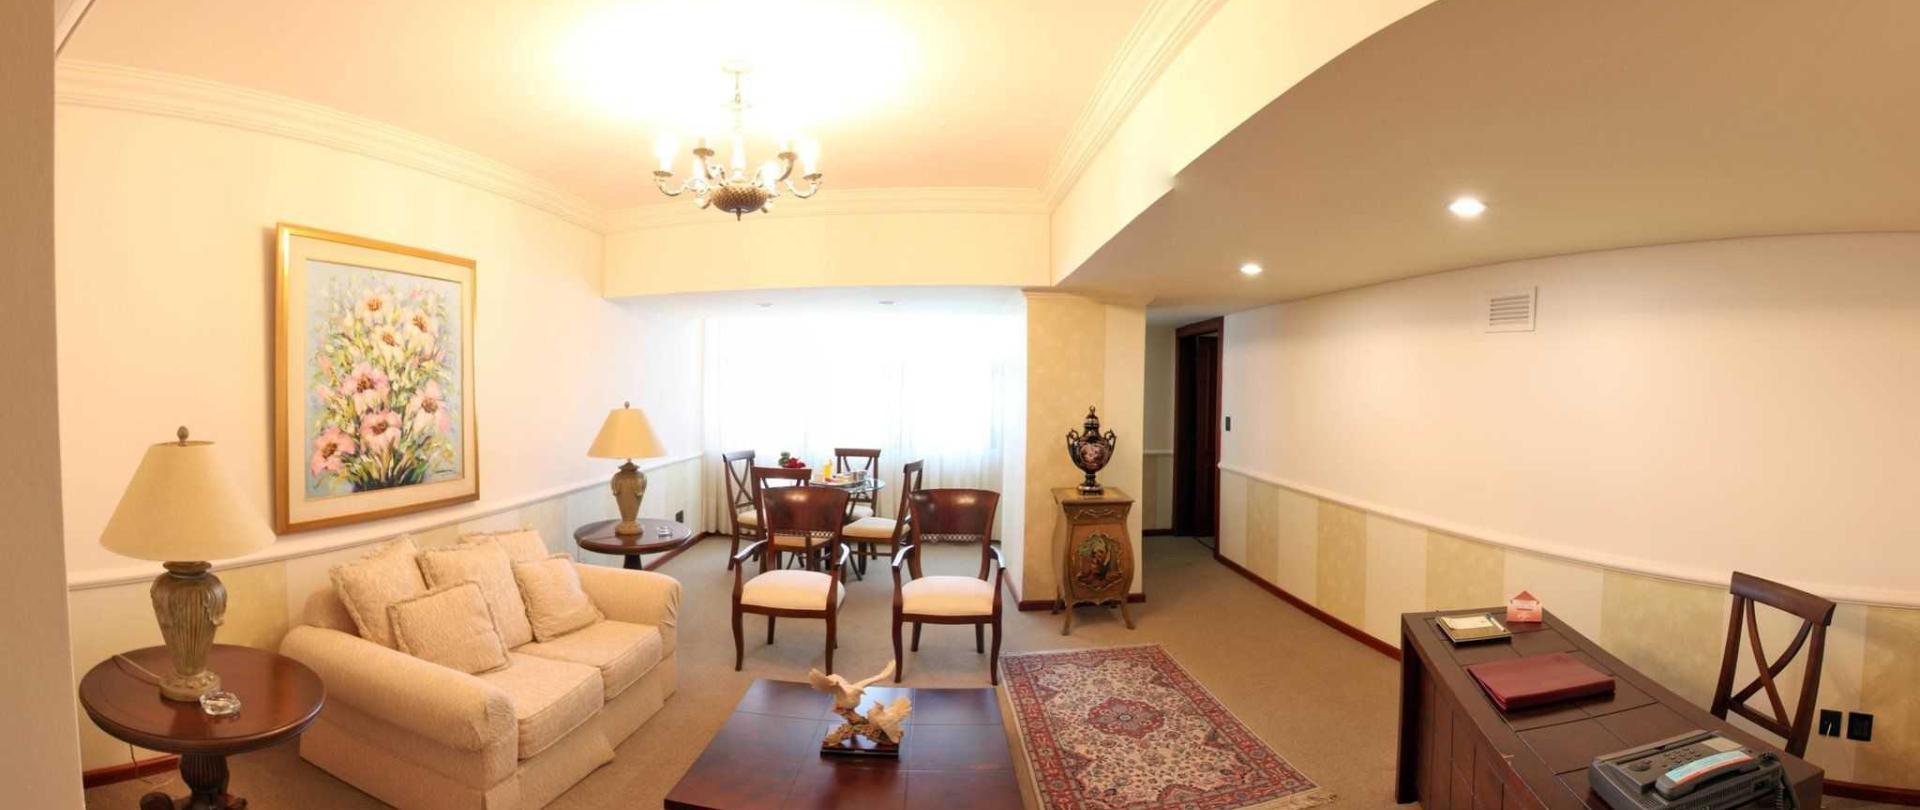 suite-presidencial-7.jpg